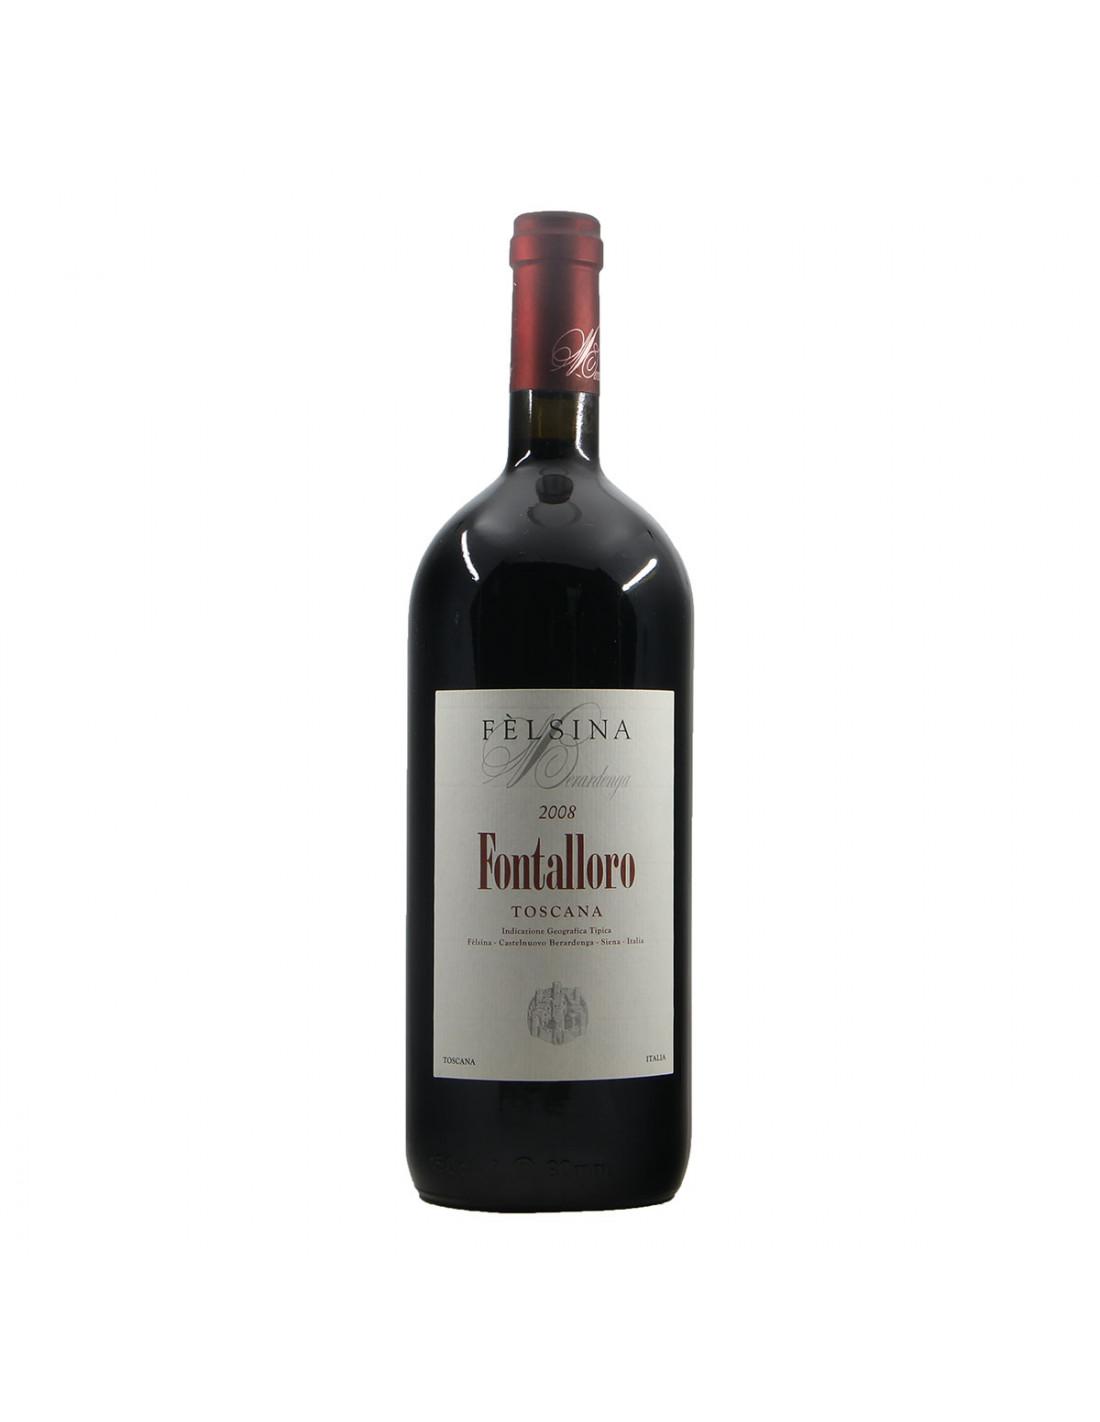 Felsina Fontalloro Toscana 2008 Grandi Bottiglie